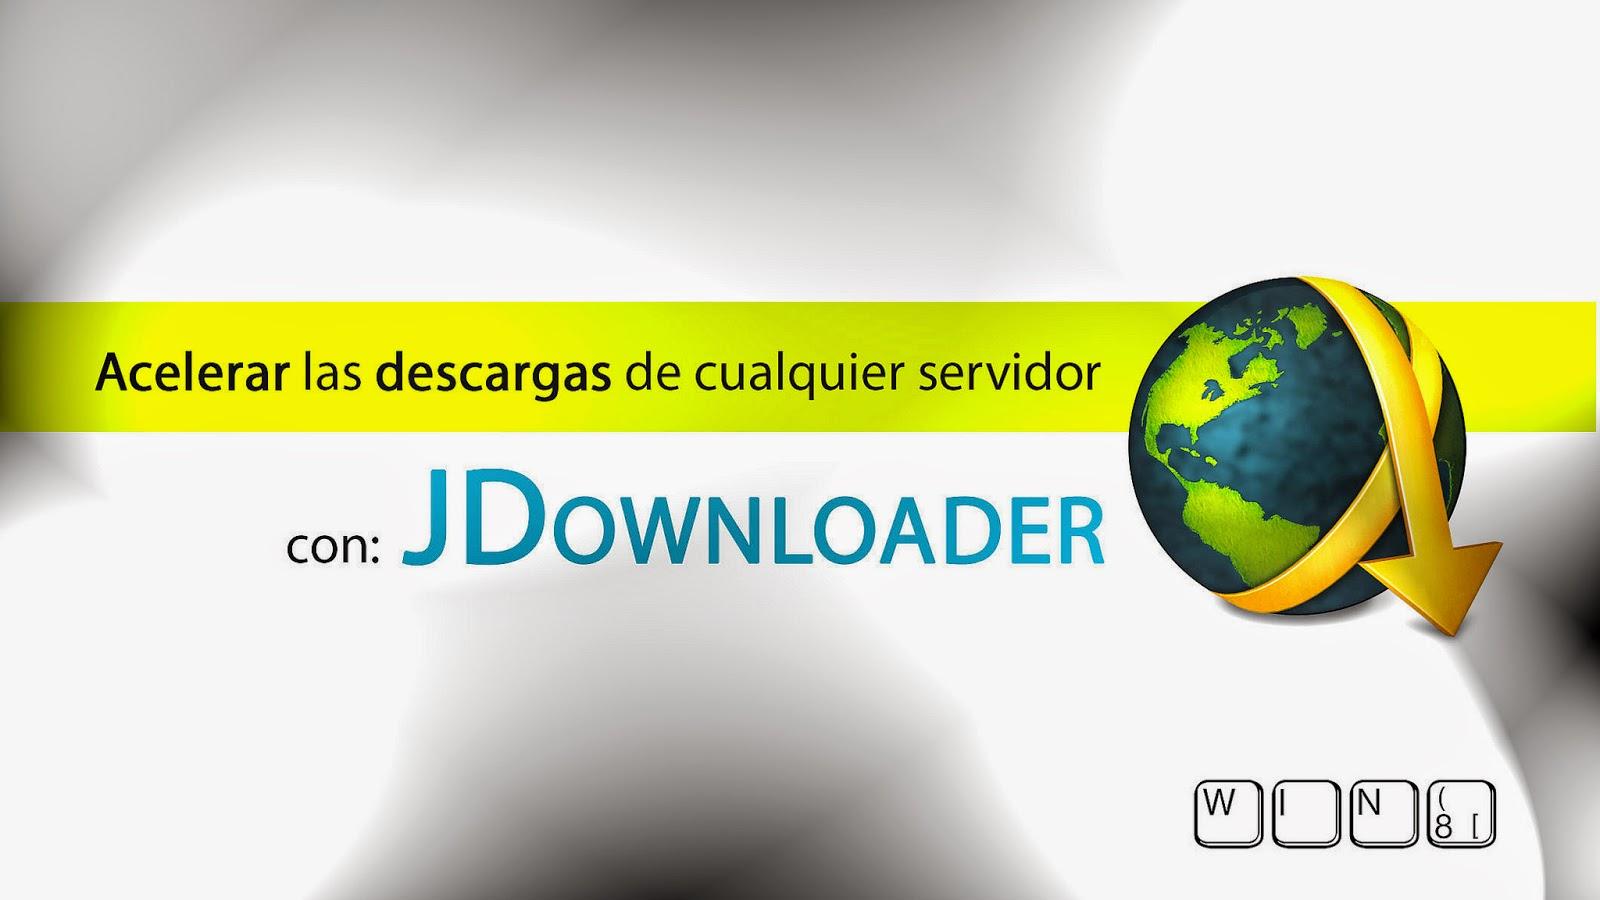 مدير التحميل jdownloader